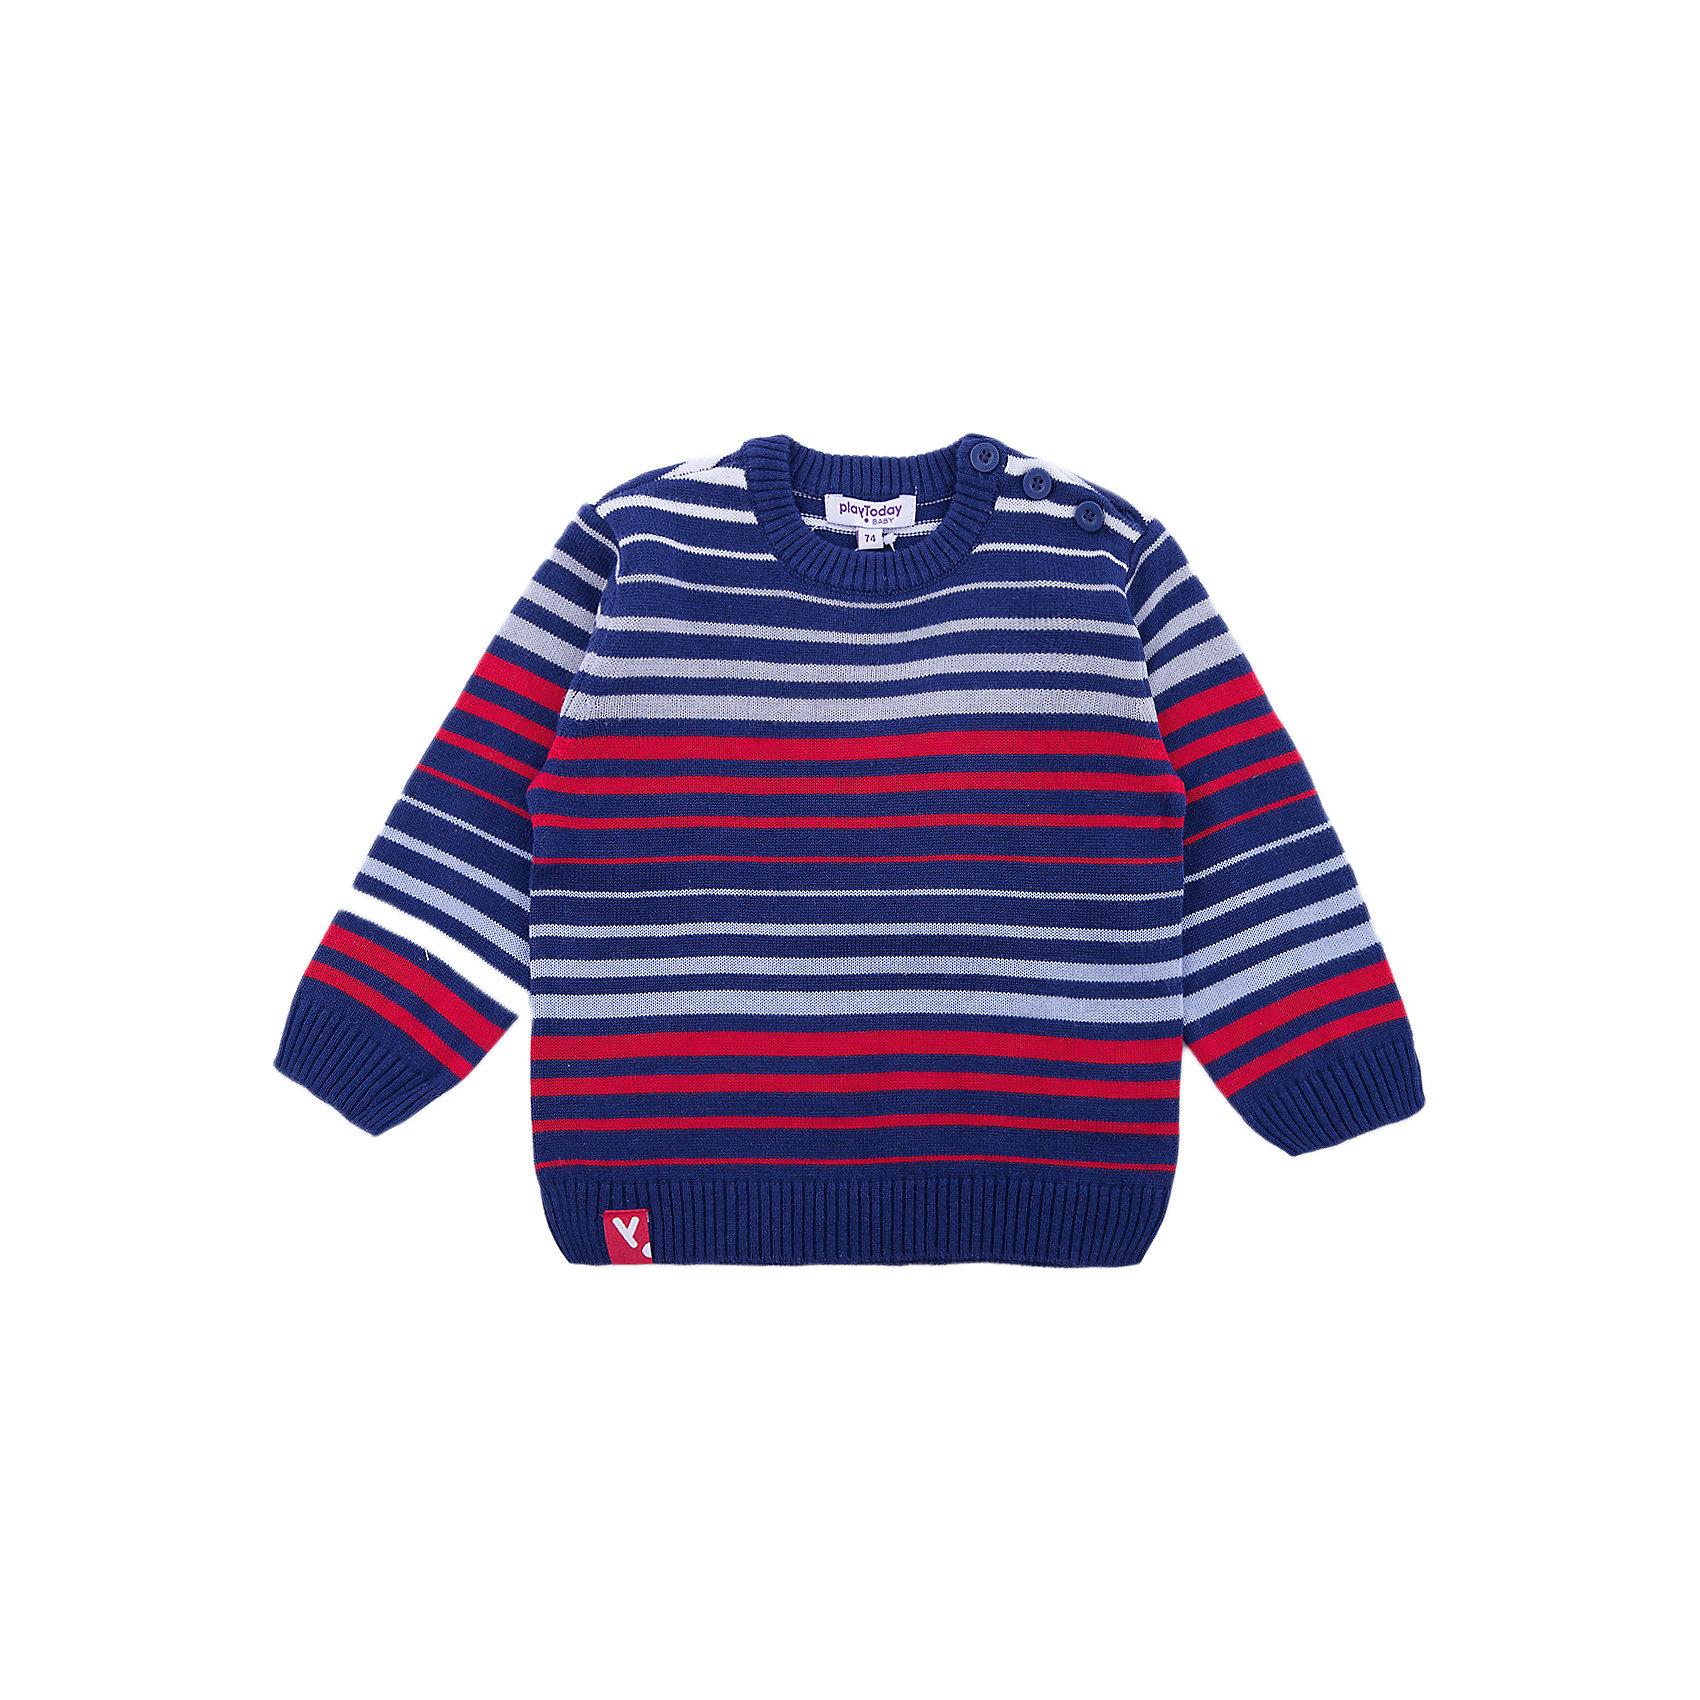 Джемпер PlayToday для мальчикаСвитера и кардиганы<br>Джемпер PlayToday для мальчика<br>Джемпер прекрасно подойдет для прохладной погоды. Натуральный материал приятен к телу и не сковывает движений ребенка. Метод вязки изделия - yarn dyed - в процессе производства в полотне используются разного цвета нити. Тем самым джемпер, при рекомендуемом уходе, не линяет и надолго остается в прежнем виде. Для удобства одевания и снимания у горловины модель снабжена пуговицами. Мягкие резинки на манжетах и по низу изделия позволяют ему держать форму.Преимущества: Метод производства - YARN DYEDНатуральный материал приятен к телуМягкие резинке на рукавах и по низу изделия<br>Состав:<br>60% хлопок, 40% акрил<br><br>Ширина мм: 190<br>Глубина мм: 74<br>Высота мм: 229<br>Вес г: 236<br>Цвет: белый<br>Возраст от месяцев: 18<br>Возраст до месяцев: 24<br>Пол: Мужской<br>Возраст: Детский<br>Размер: 92,74,80,86<br>SKU: 7111172